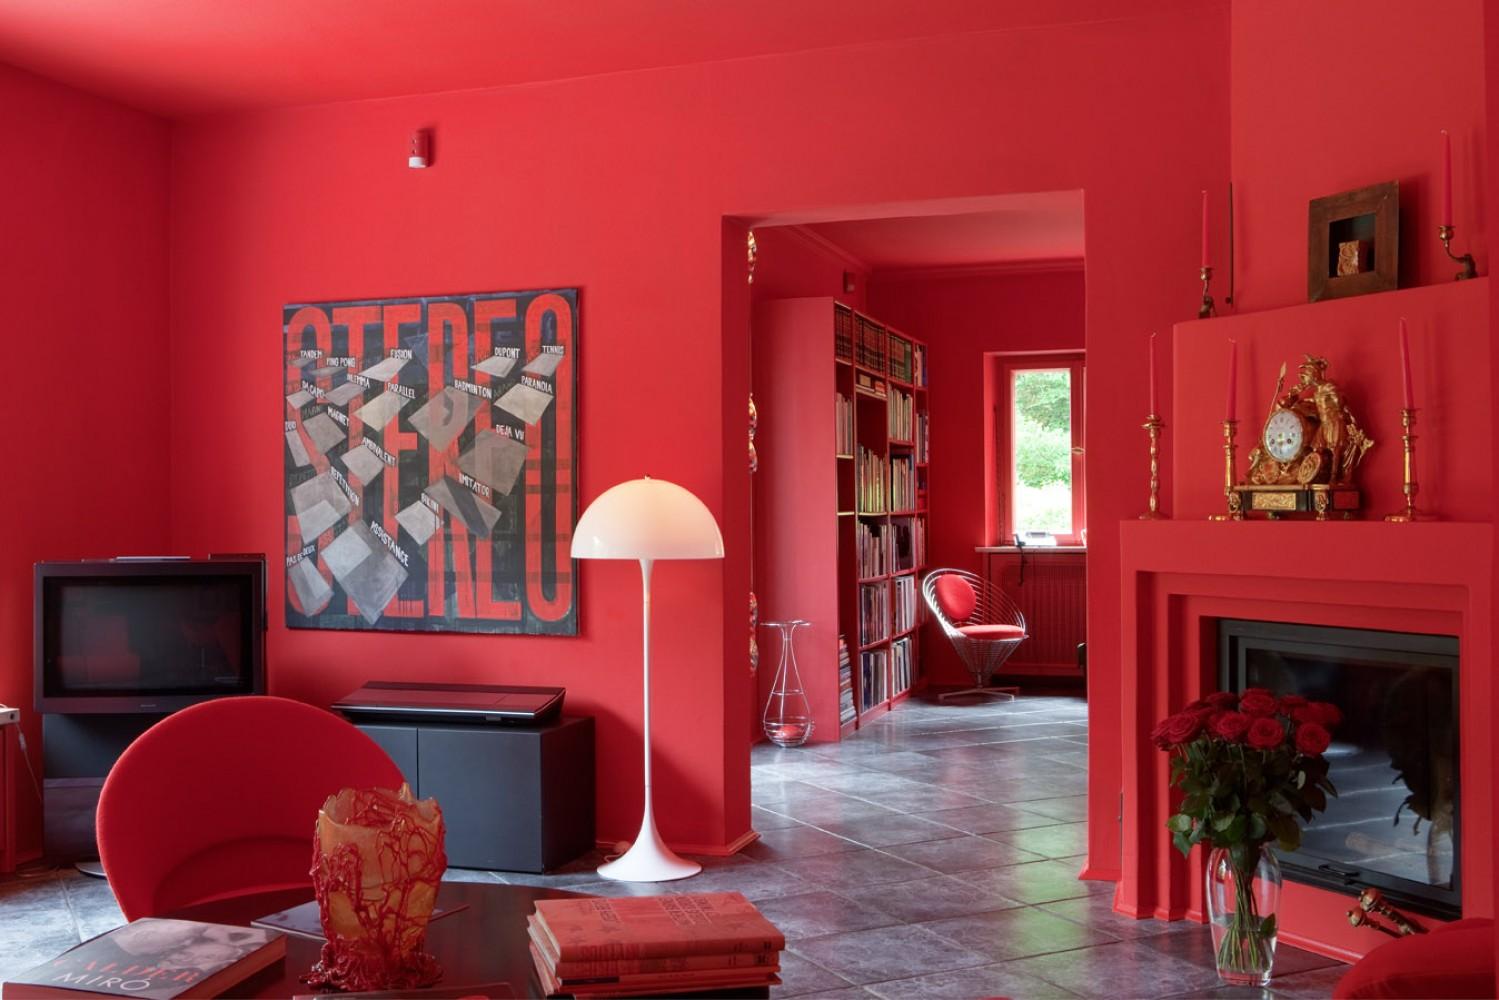 panthella lampadaire louis poulsen d couvrez louis poulsen jeancel luminaires. Black Bedroom Furniture Sets. Home Design Ideas